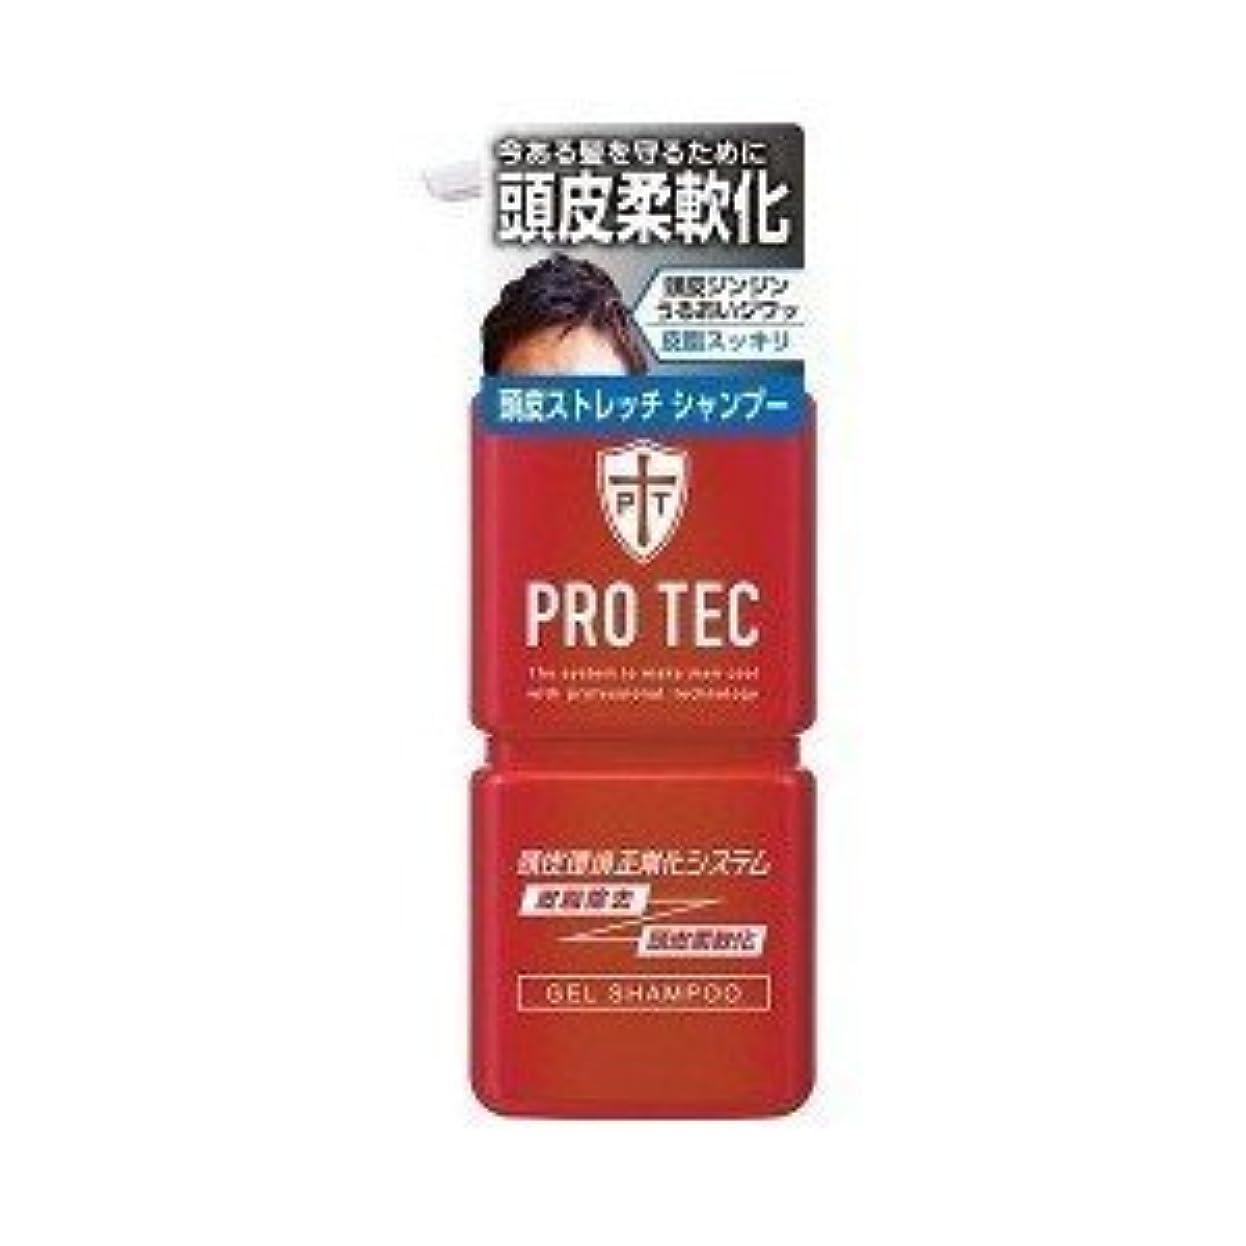 つかまえるワックス意気揚々(ライオン)PRO TEC(プロテク) 頭皮ストレッチ シャンプー ポンプ 300g(医薬部外品)